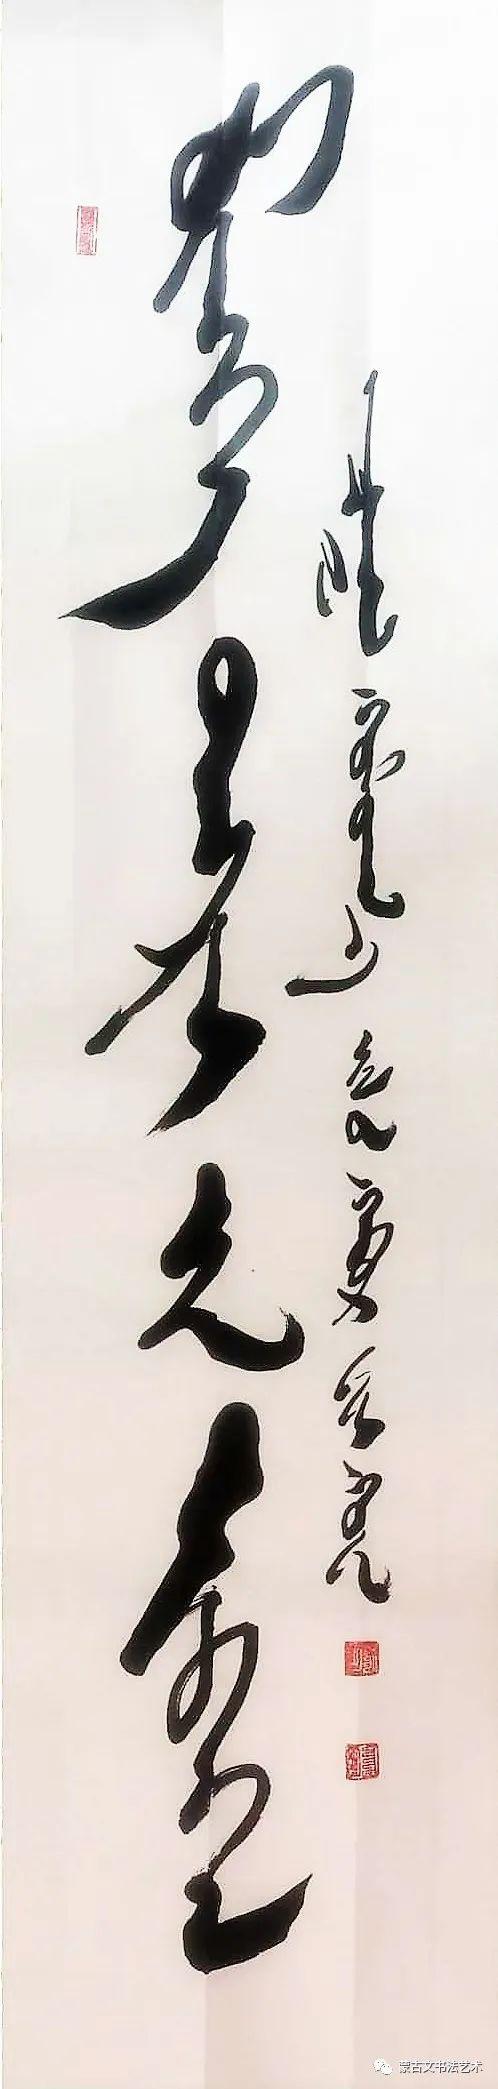 伟花蒙古文书法 第7张